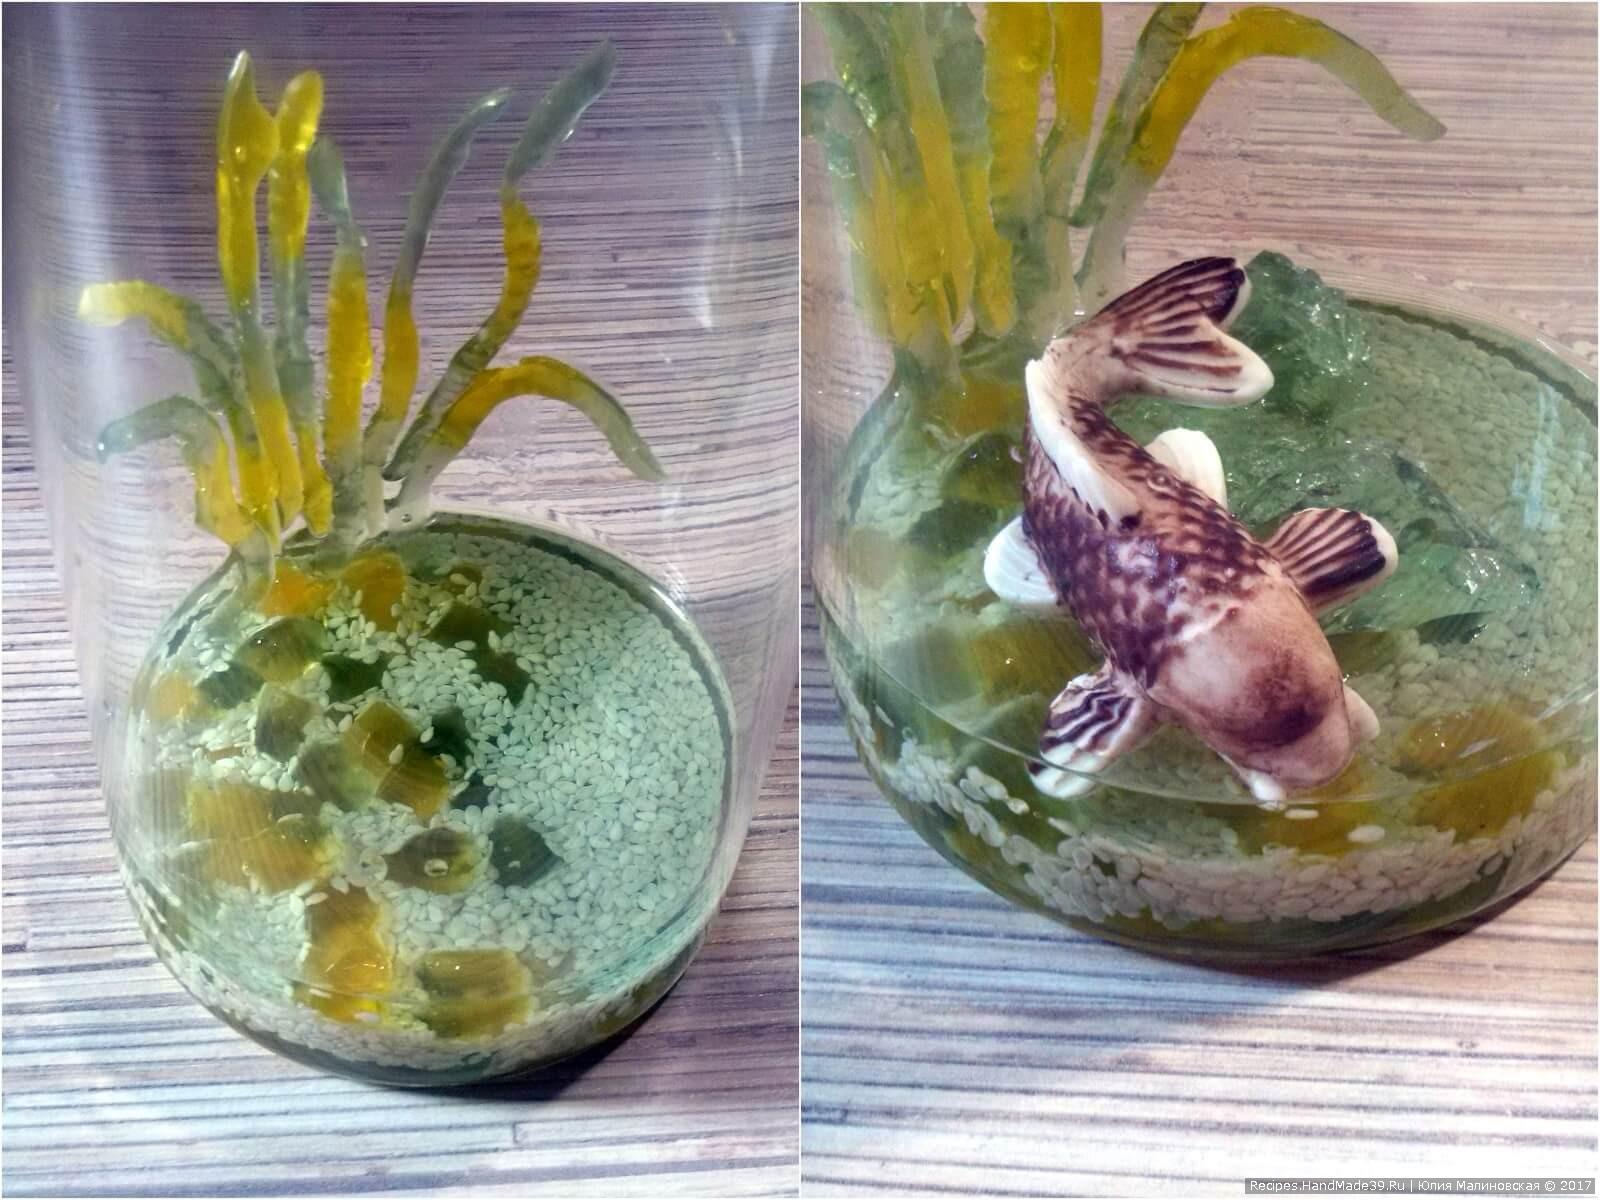 На застывшее желе положить рыбку, на бок стакана прилепить полоски из желейных червячков, предварительно обмакнув их в желе для липкости